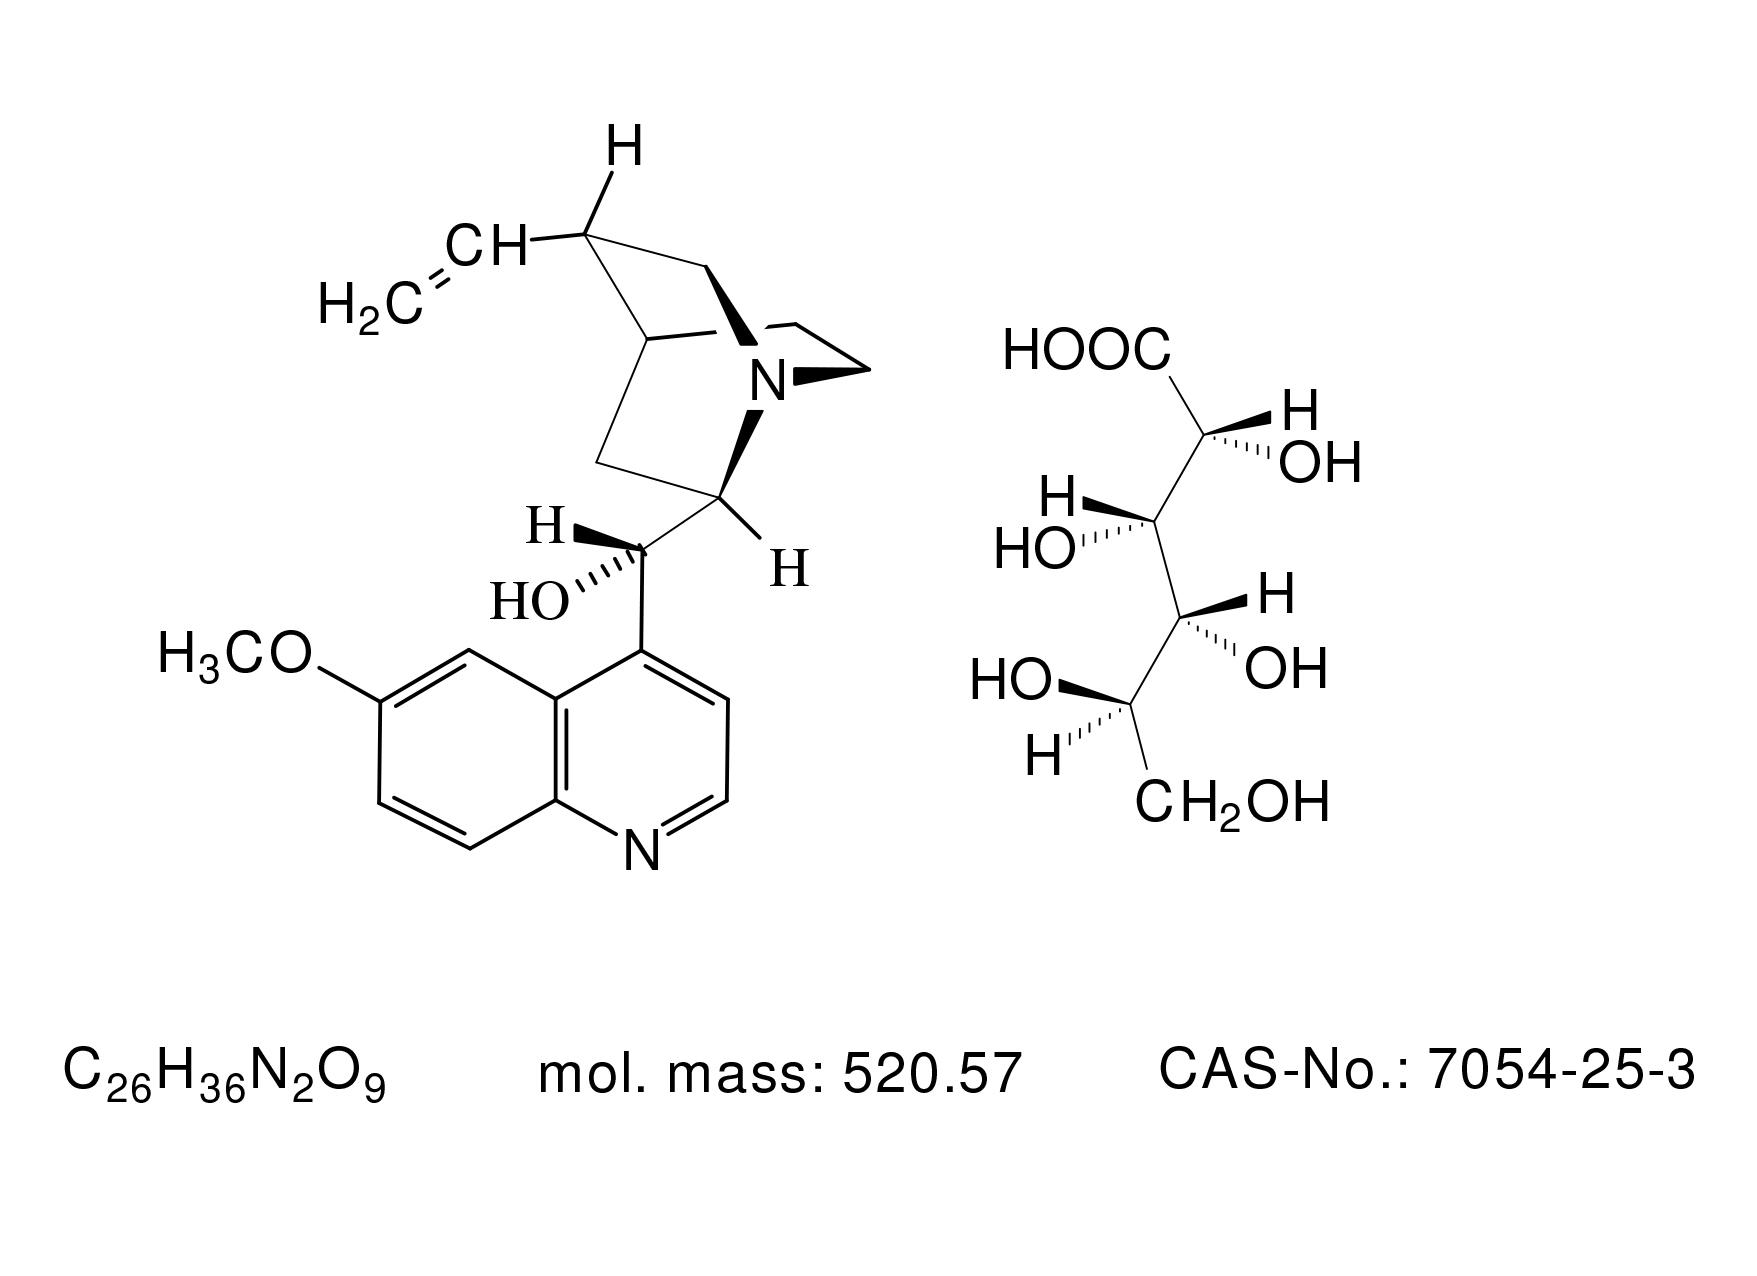 Quinidine Gluconate - Chemical Structure